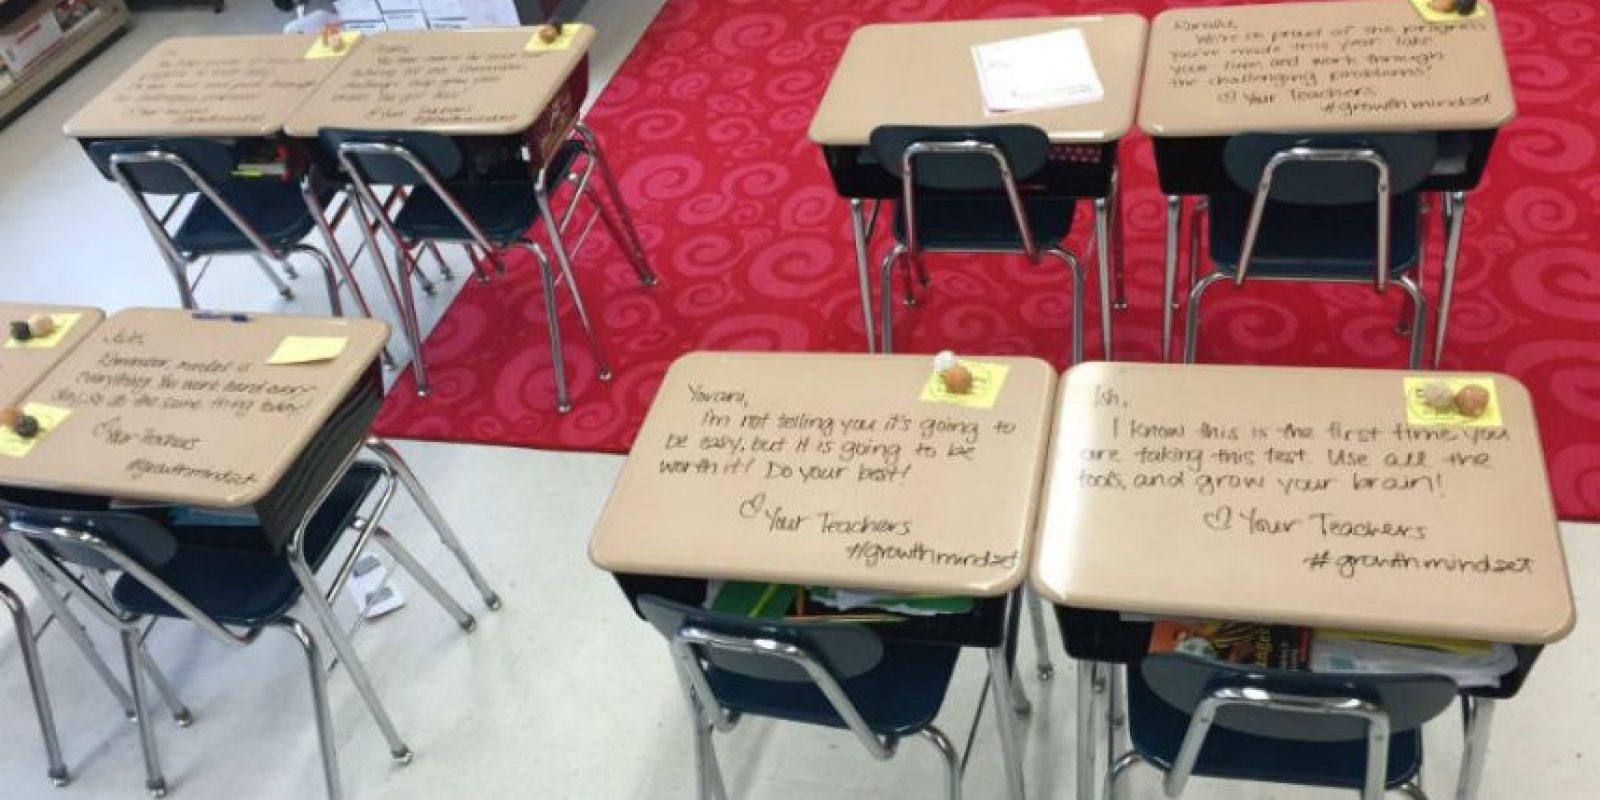 Los mensajes eran para dar un poco de confianza antes de los exámenes PARCC, donde se miden conocimientos matemáticos y de inglés. Foto:Woodbury City Public Schools